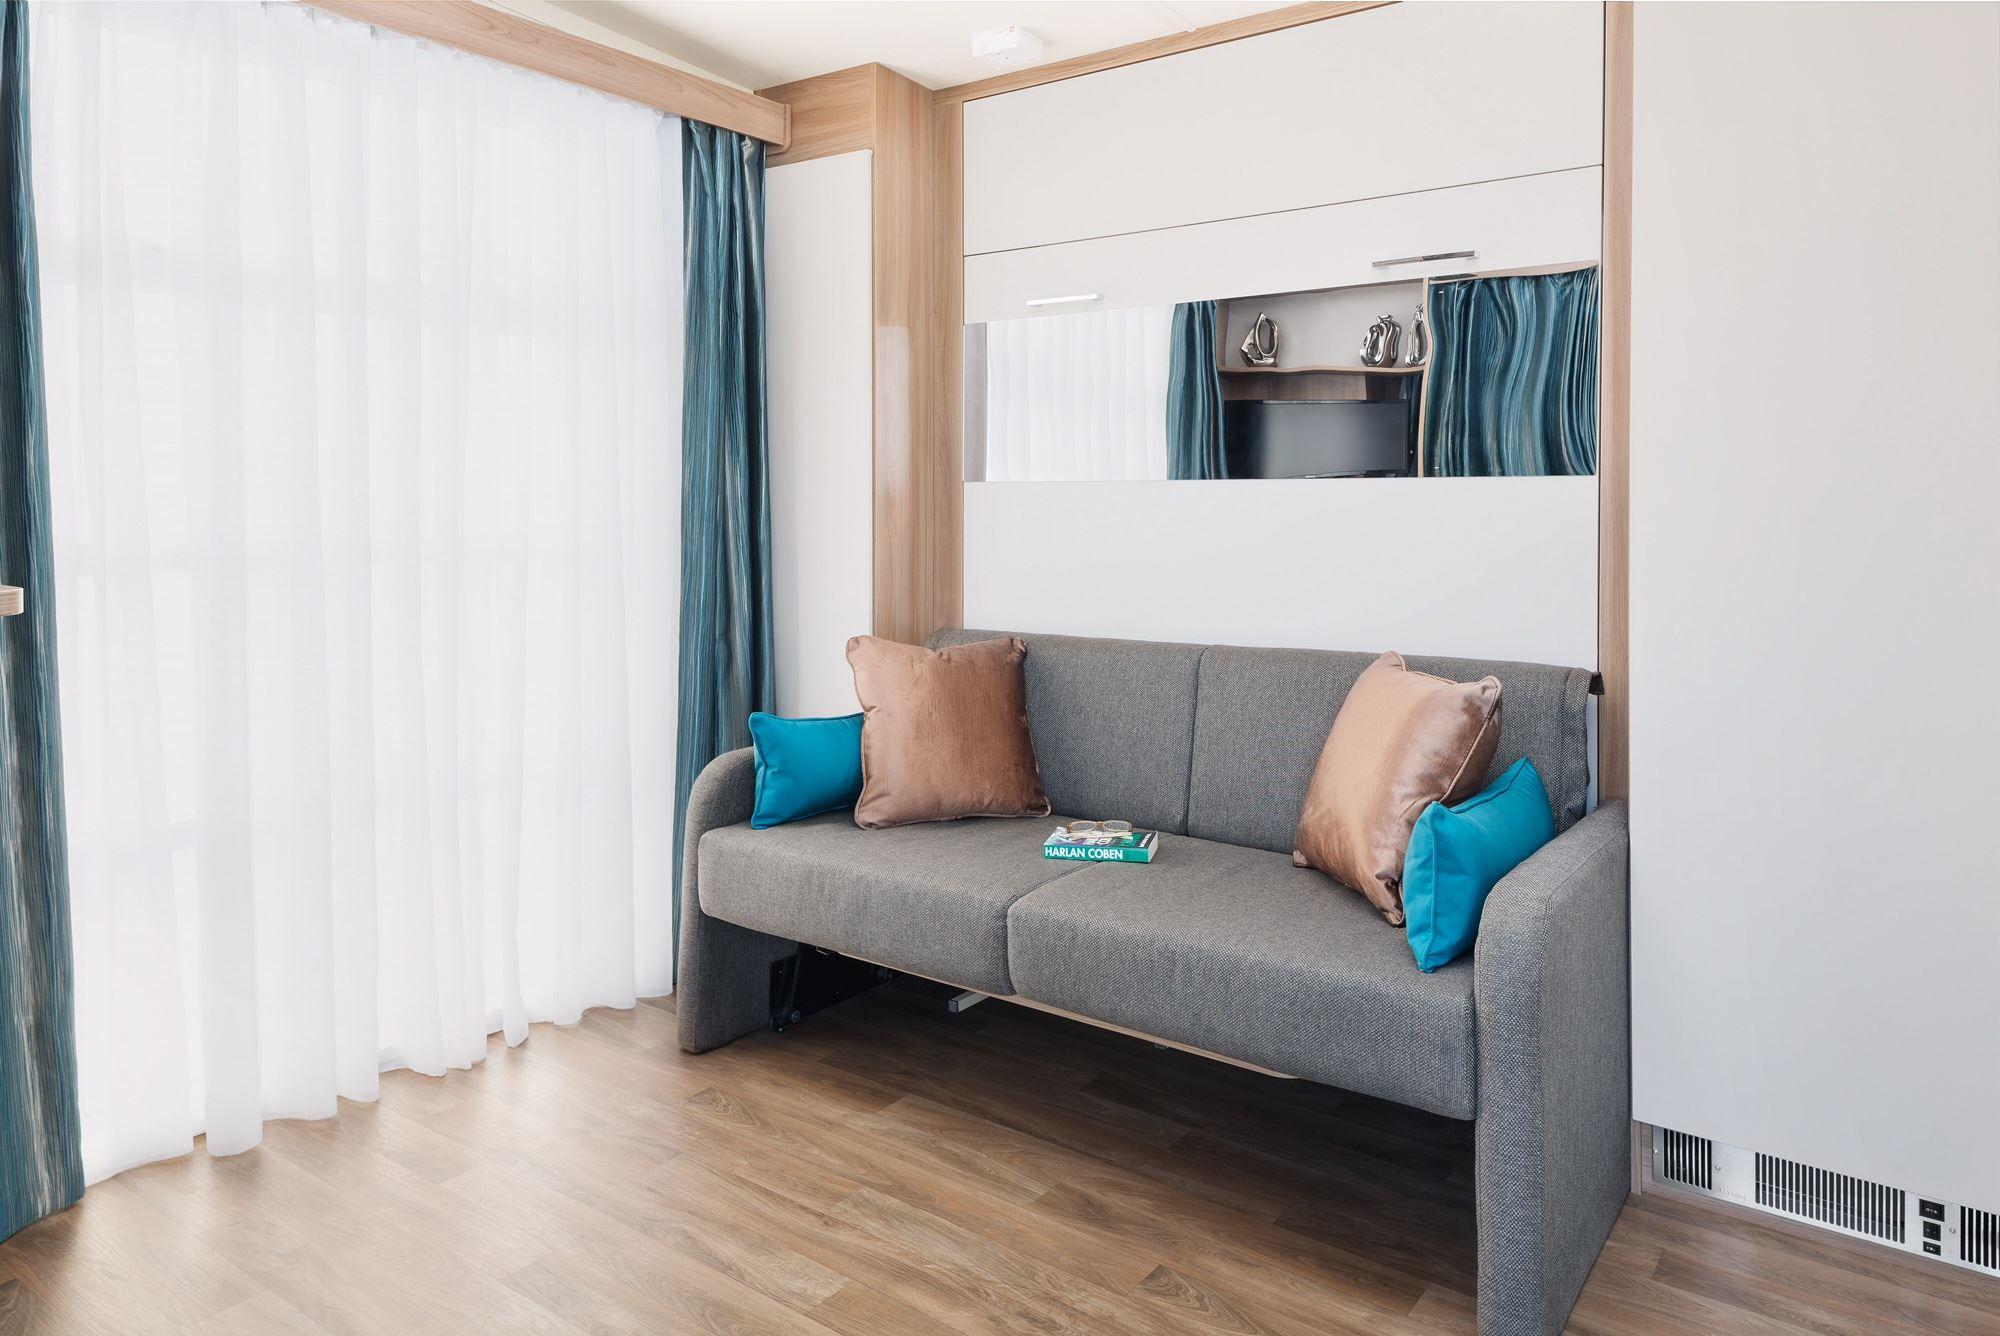 Visby Strandby - Norderstrands Campingstugor